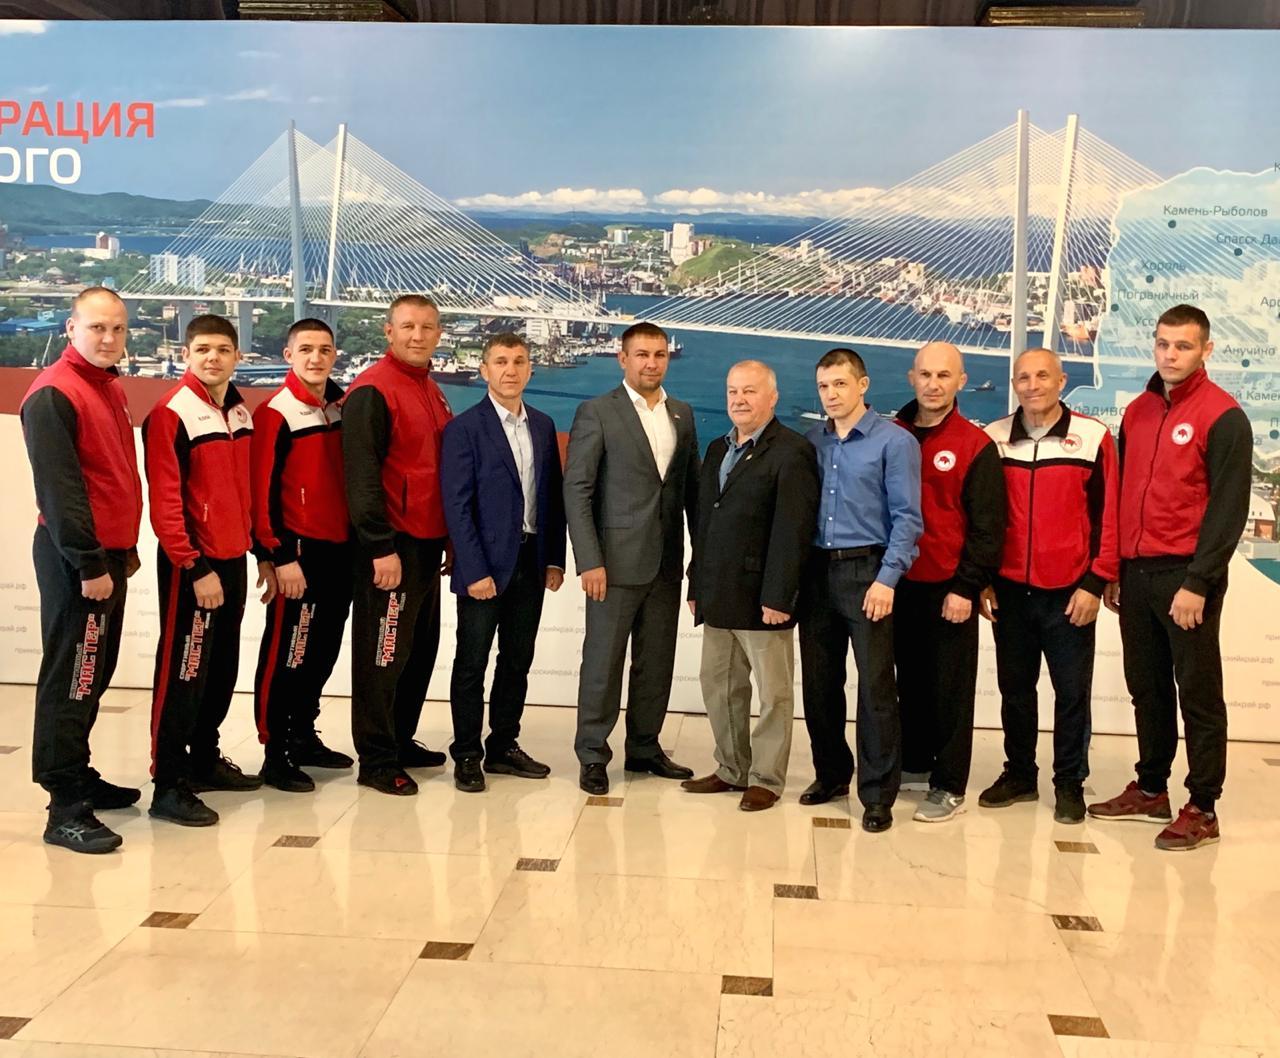 Артемовских самбистов и тренеров наградили за вклад в развитие самбо в Приморье